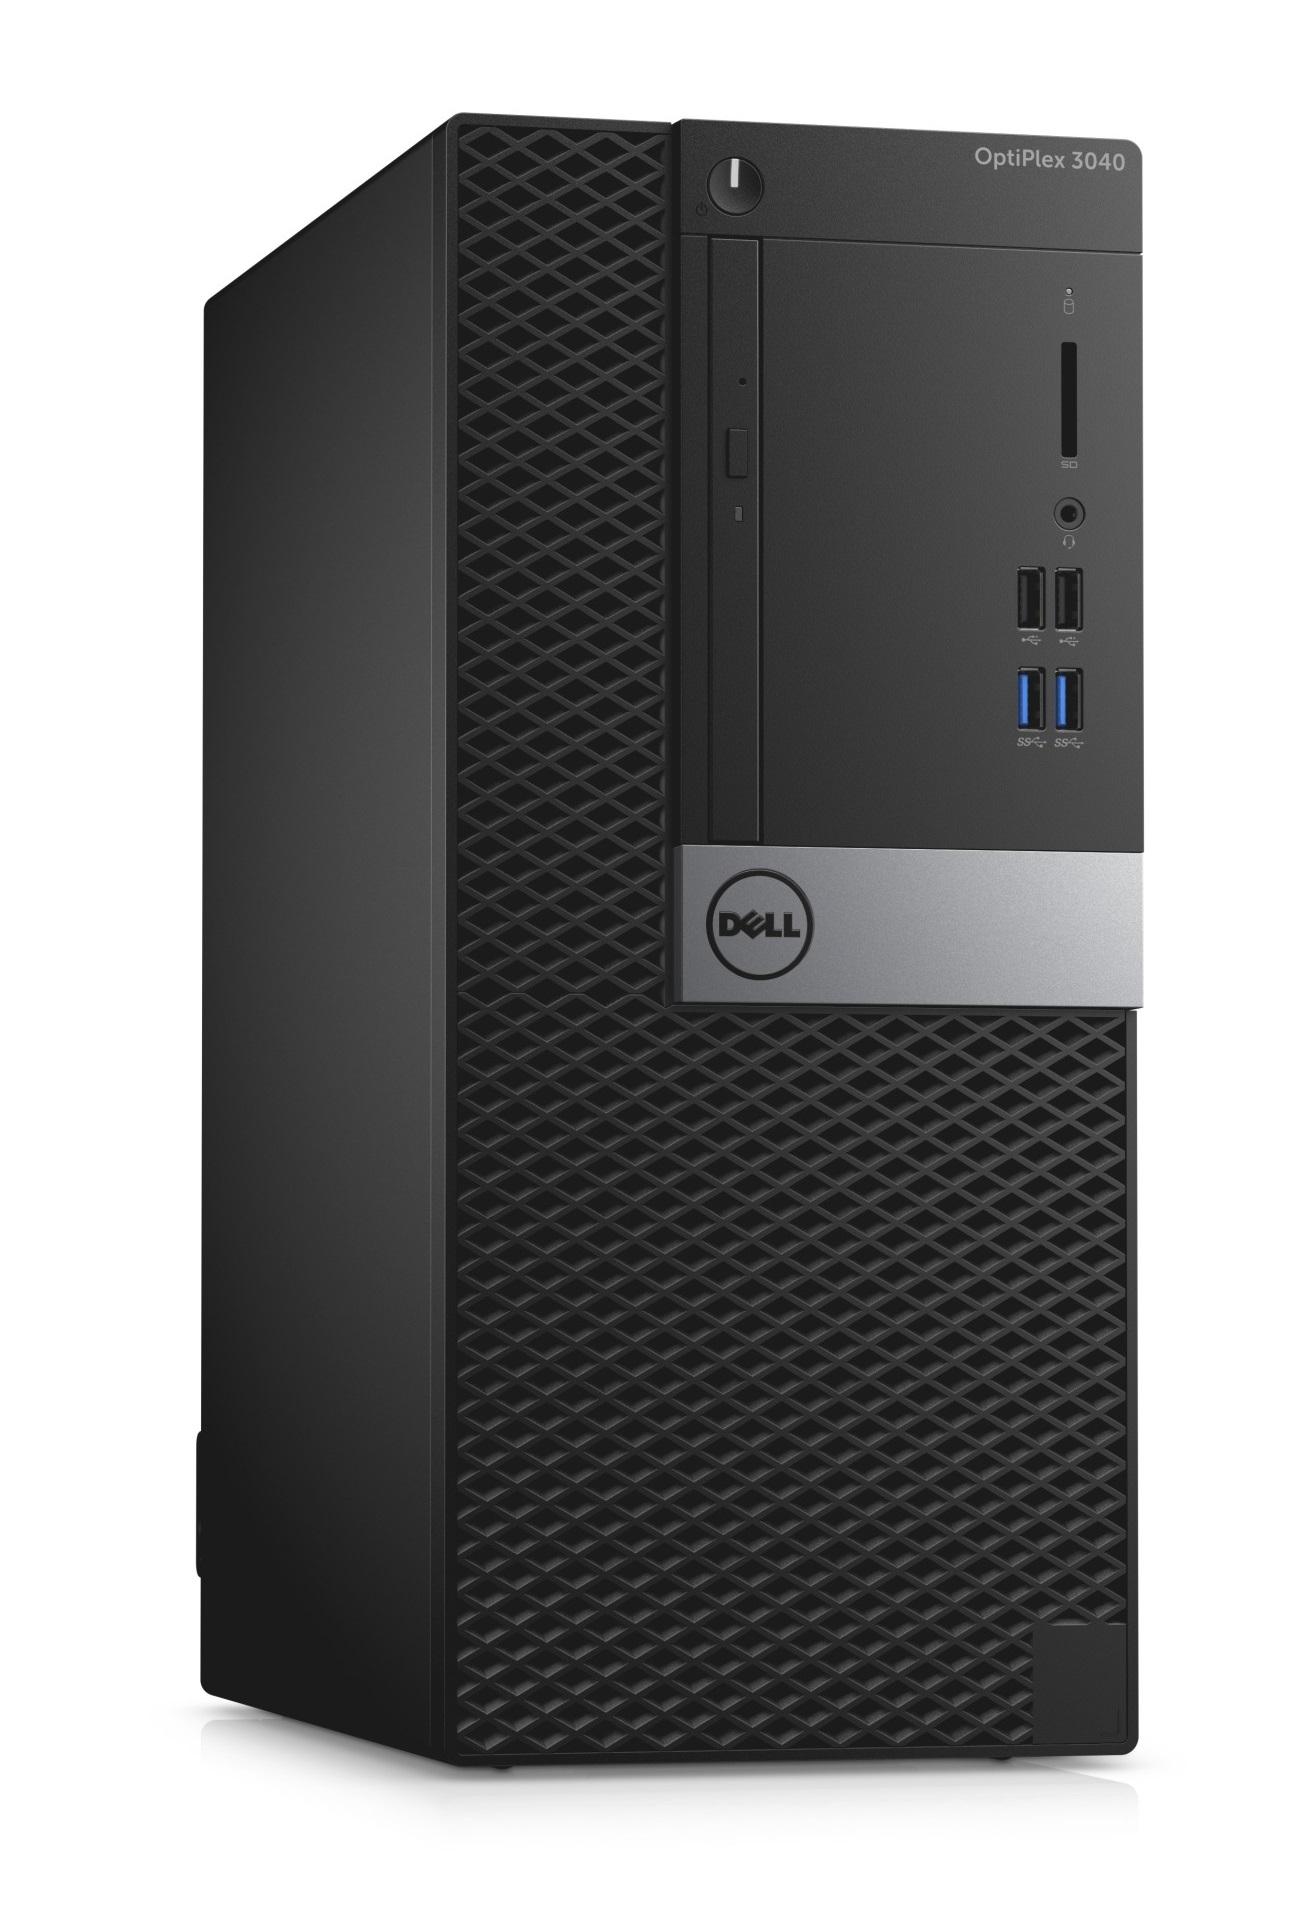 Dell Optiplex 3040M i5-6500/8GB/1TB/Intel HD/MCR/HDMI/DP/USB/RJ45/DVD-RW/W7P+W10P/3RNBD/Černý